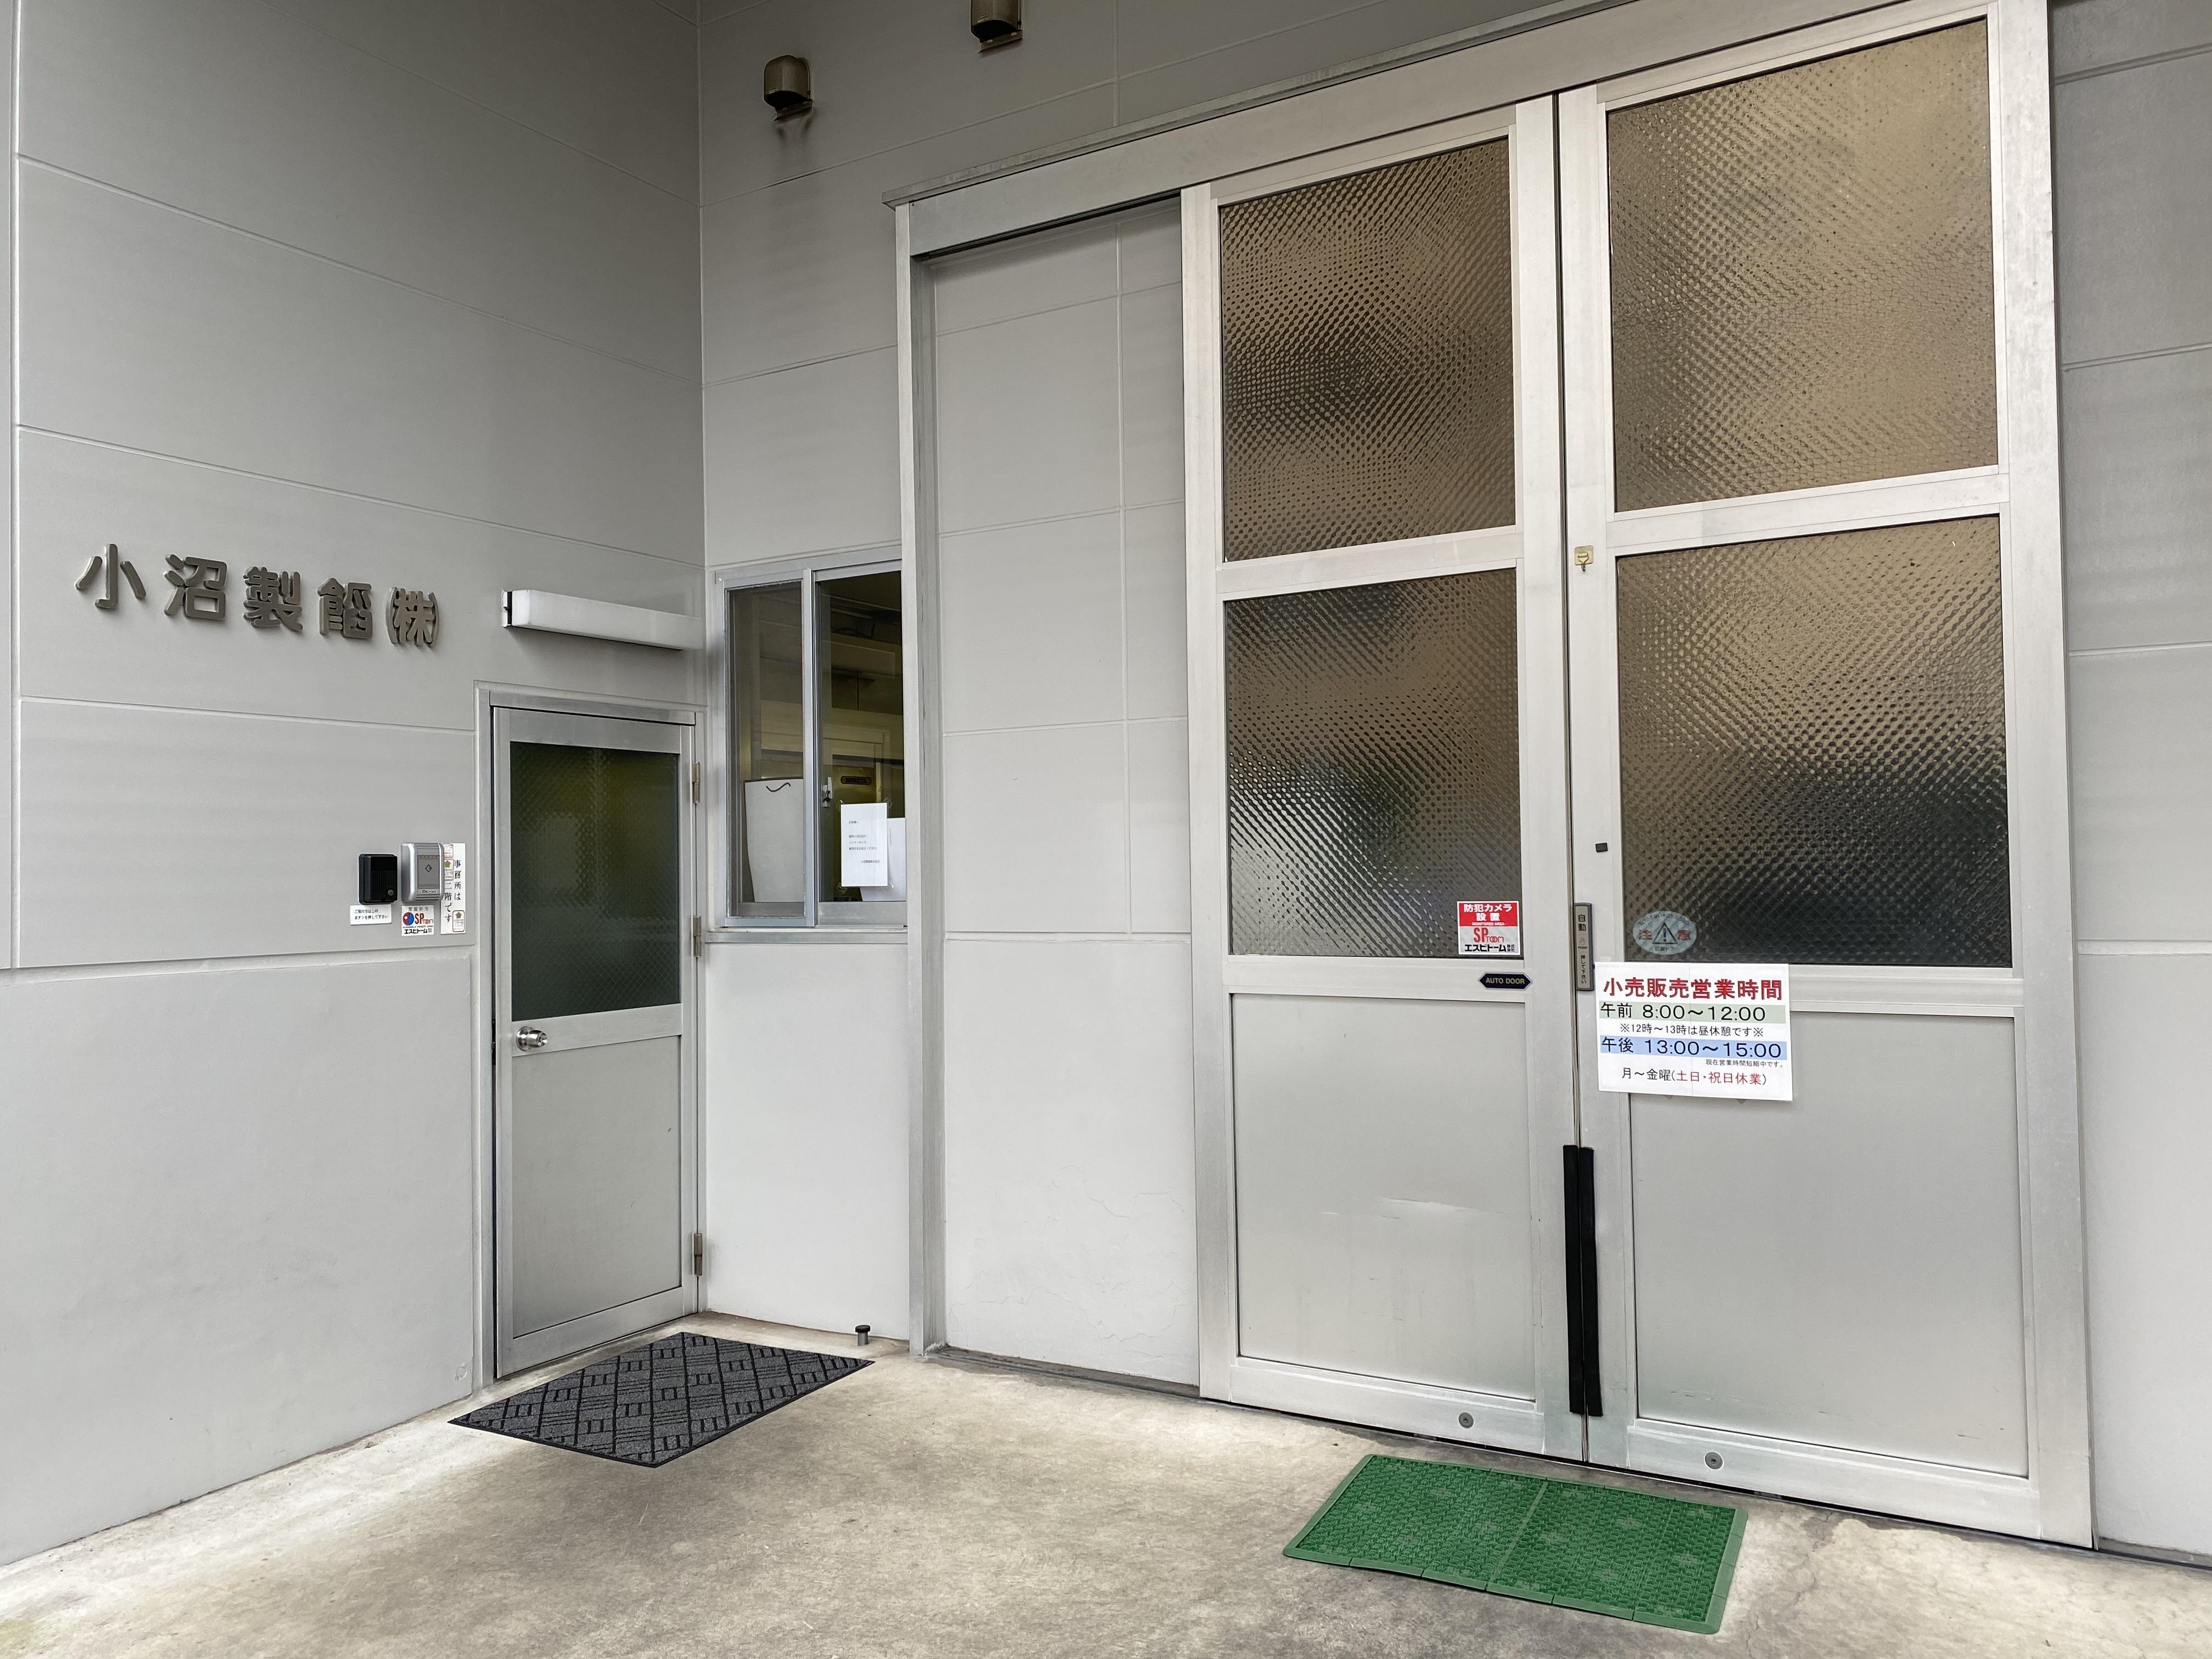 小沼製餡株式会社 直売所<br /> (工場の入り口に直売スペースがございます)